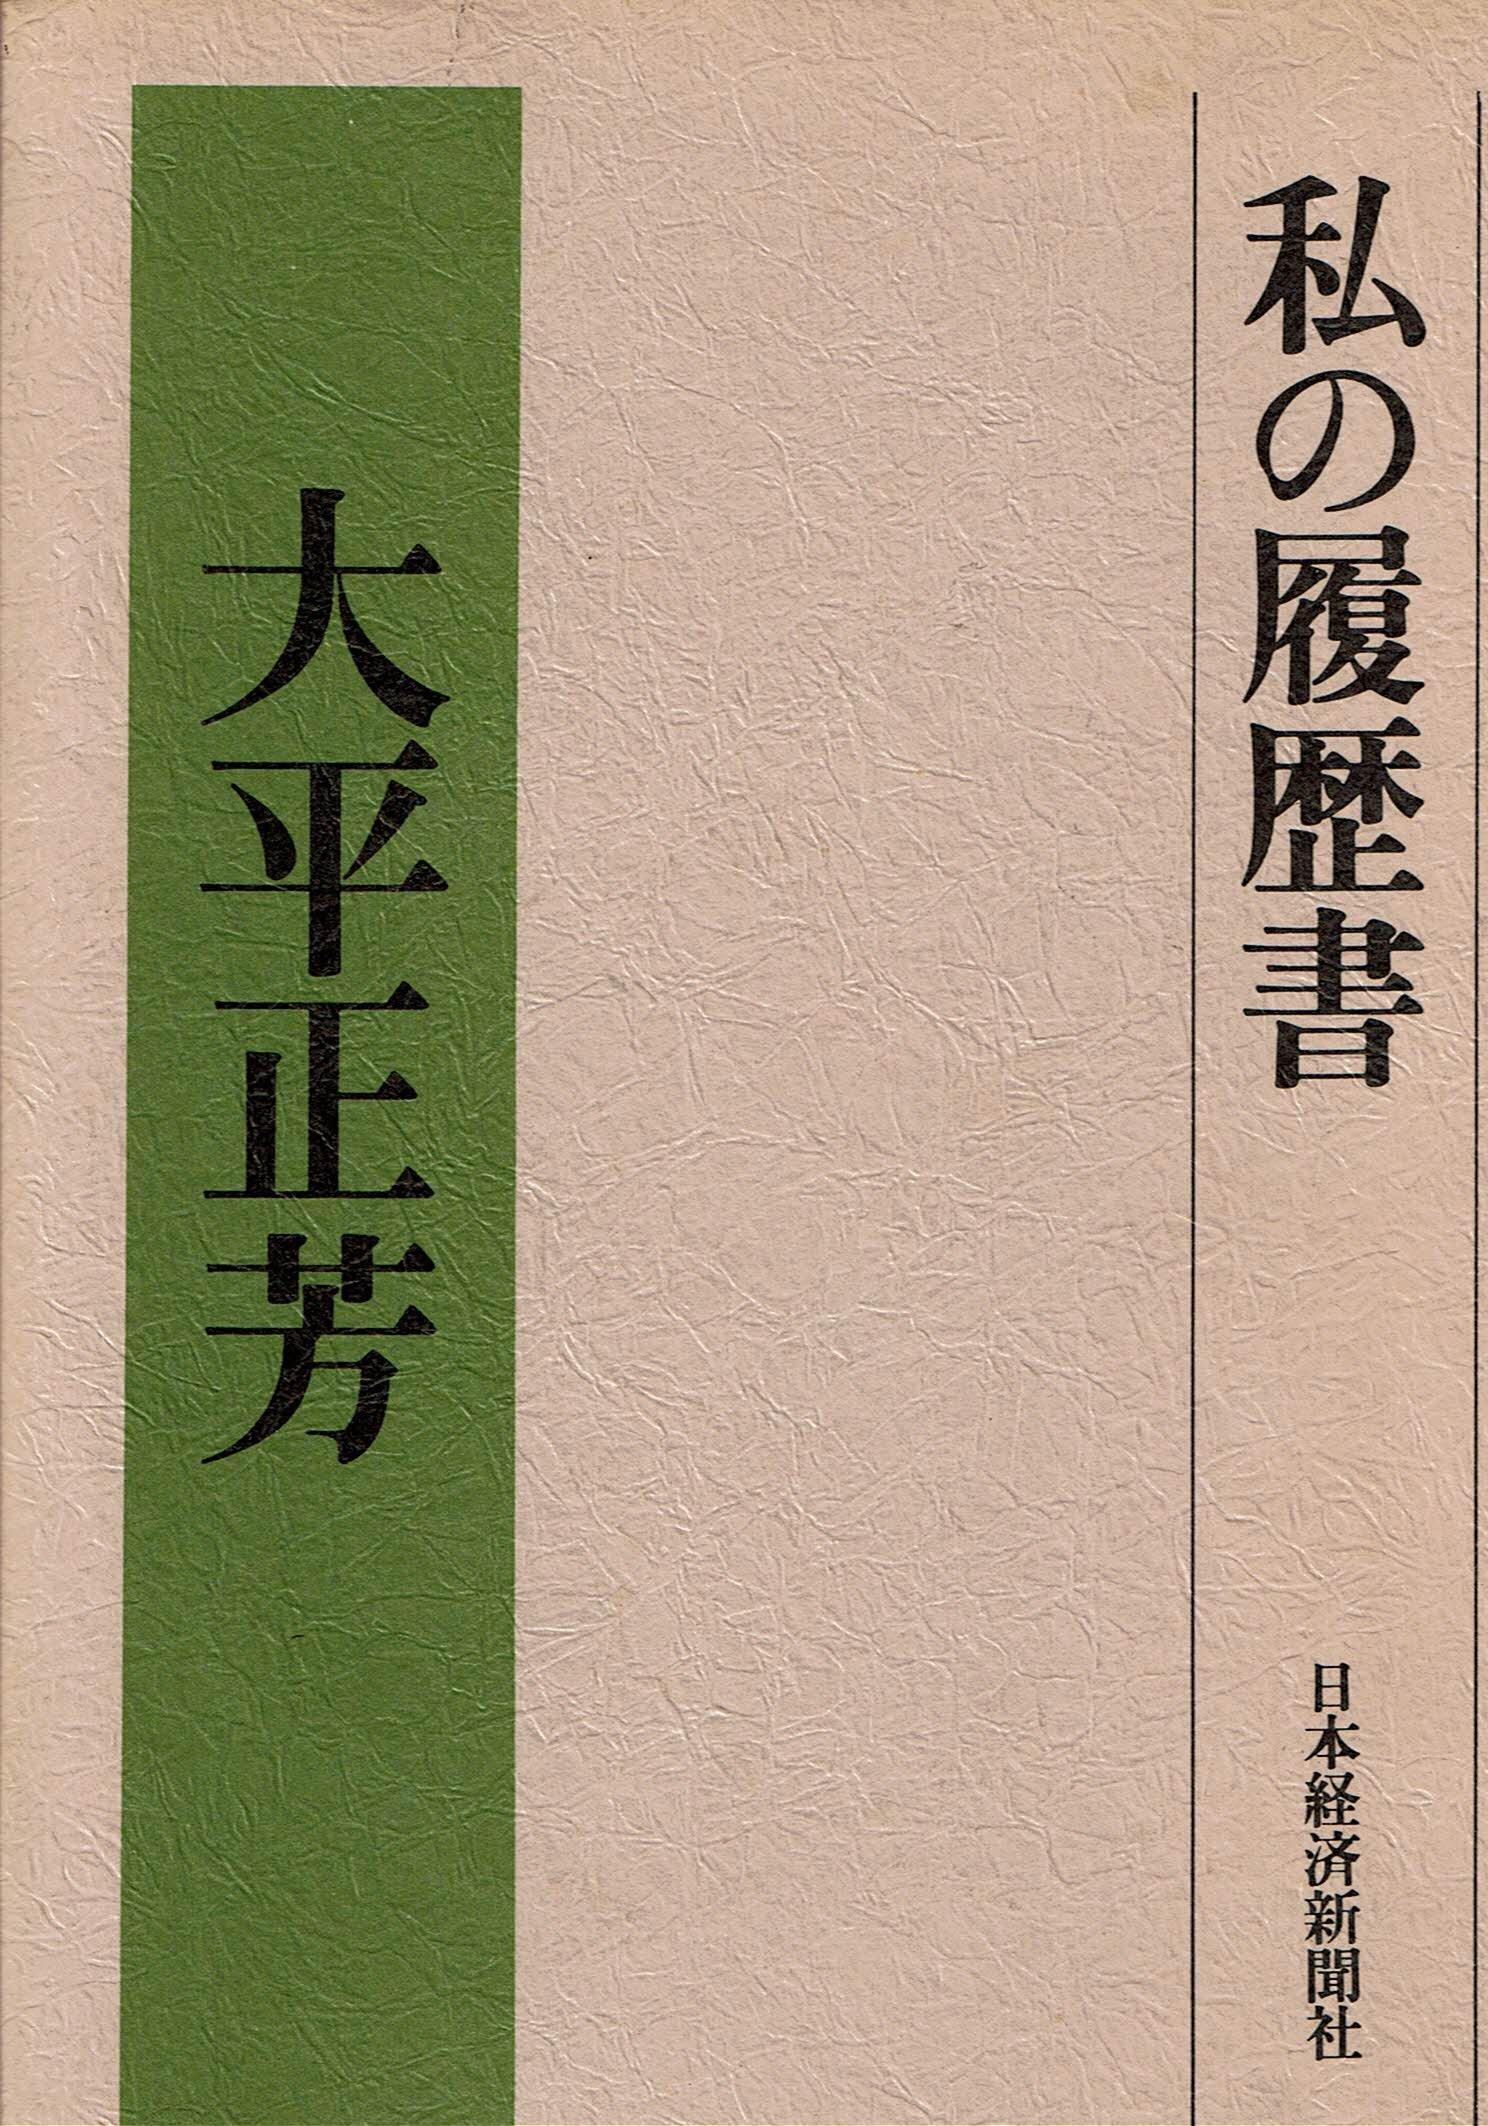 私の履歴書 (1978年) | 大平 正芳 |本 | 通販 | Amazon